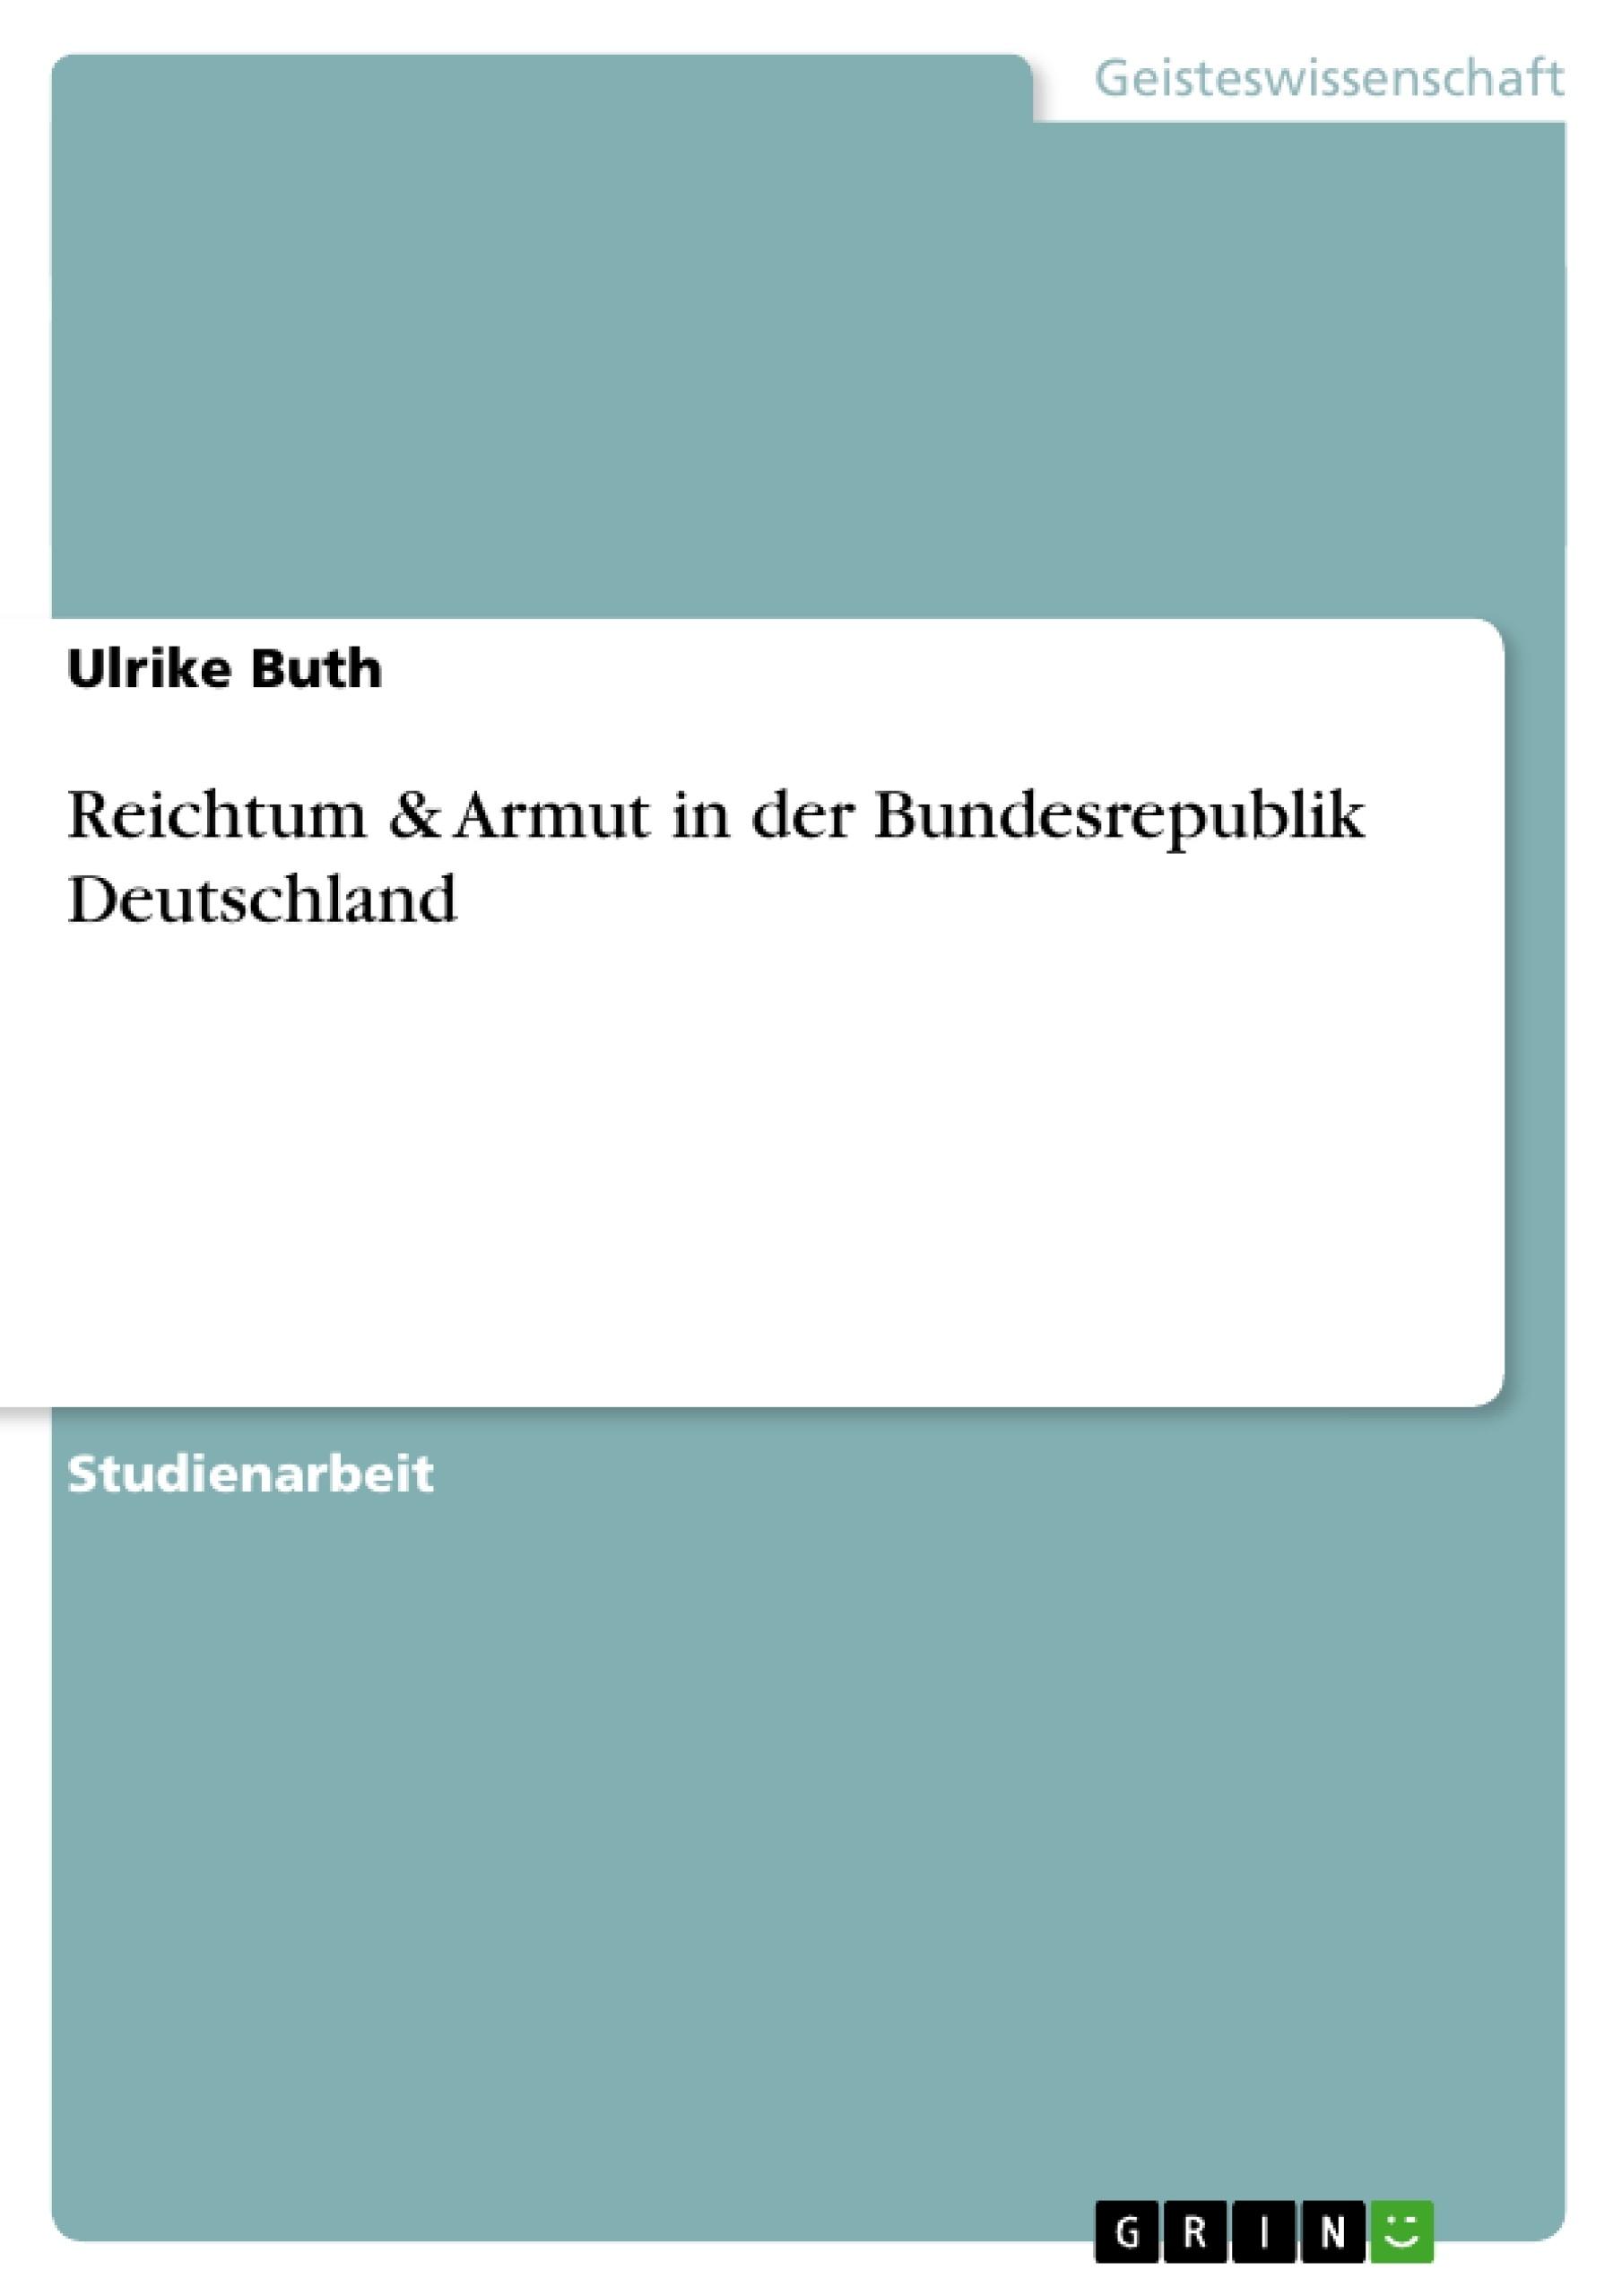 Titel: Reichtum & Armut in der Bundesrepublik Deutschland